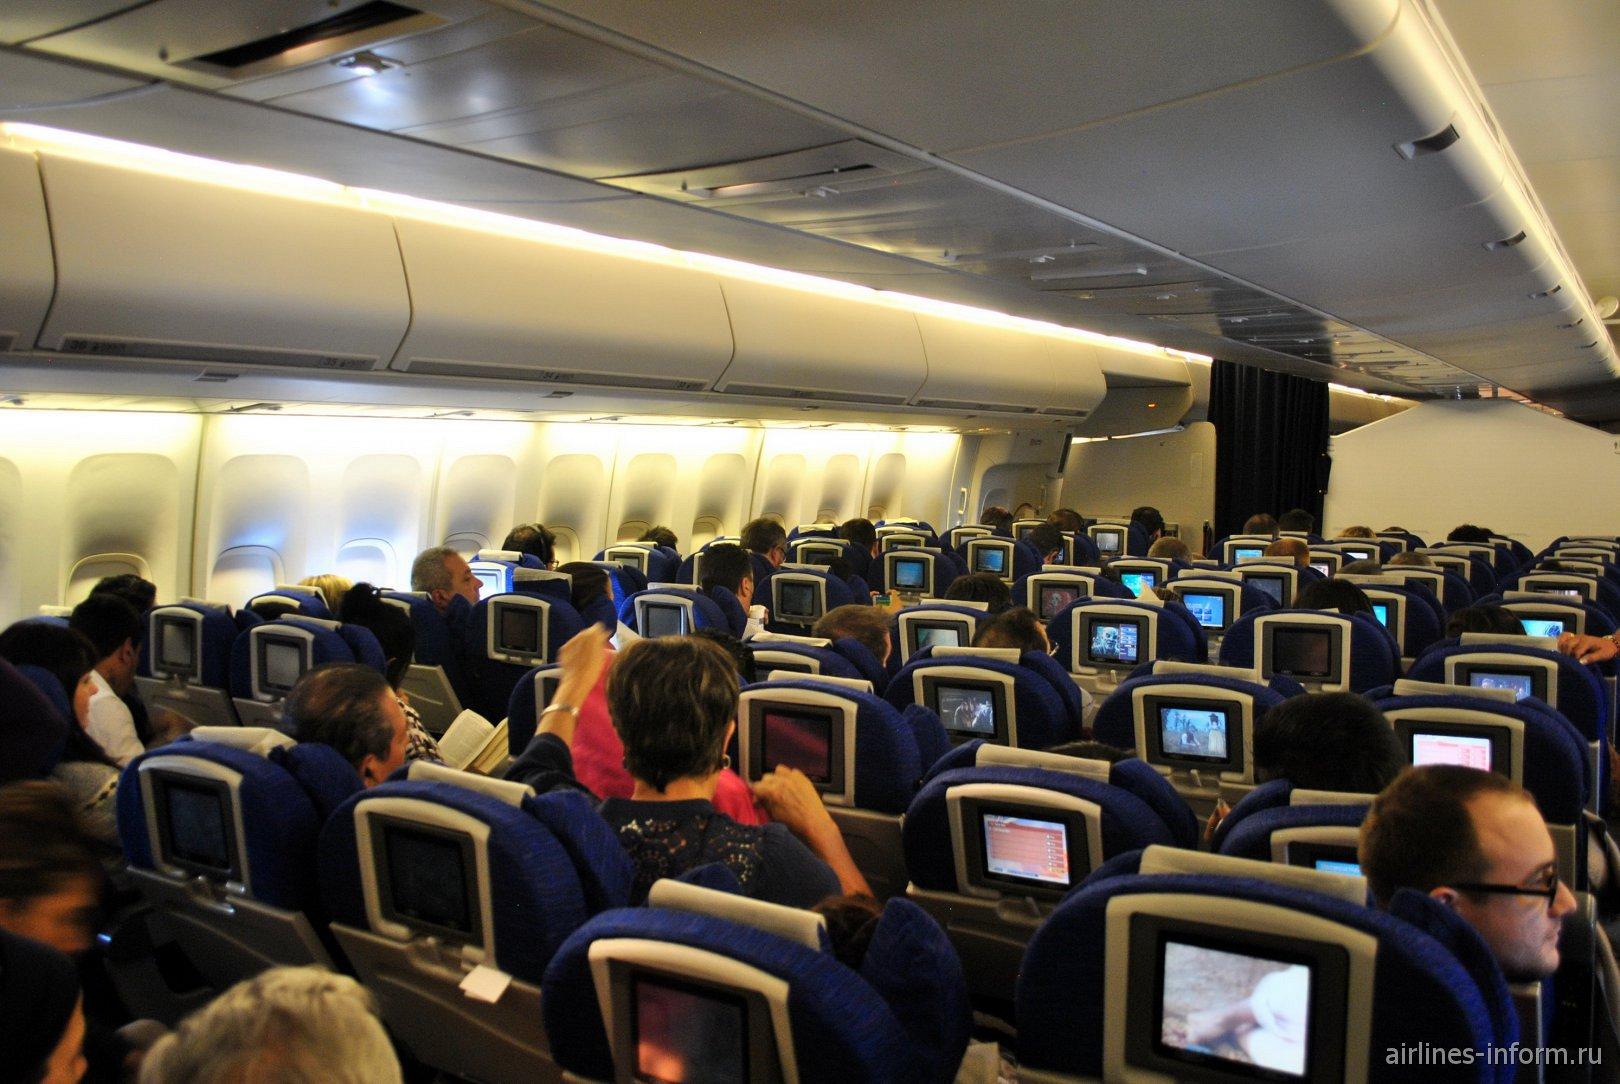 Пассажирский салон эконом-класса в Боинге-747-400 Британских авиалиний